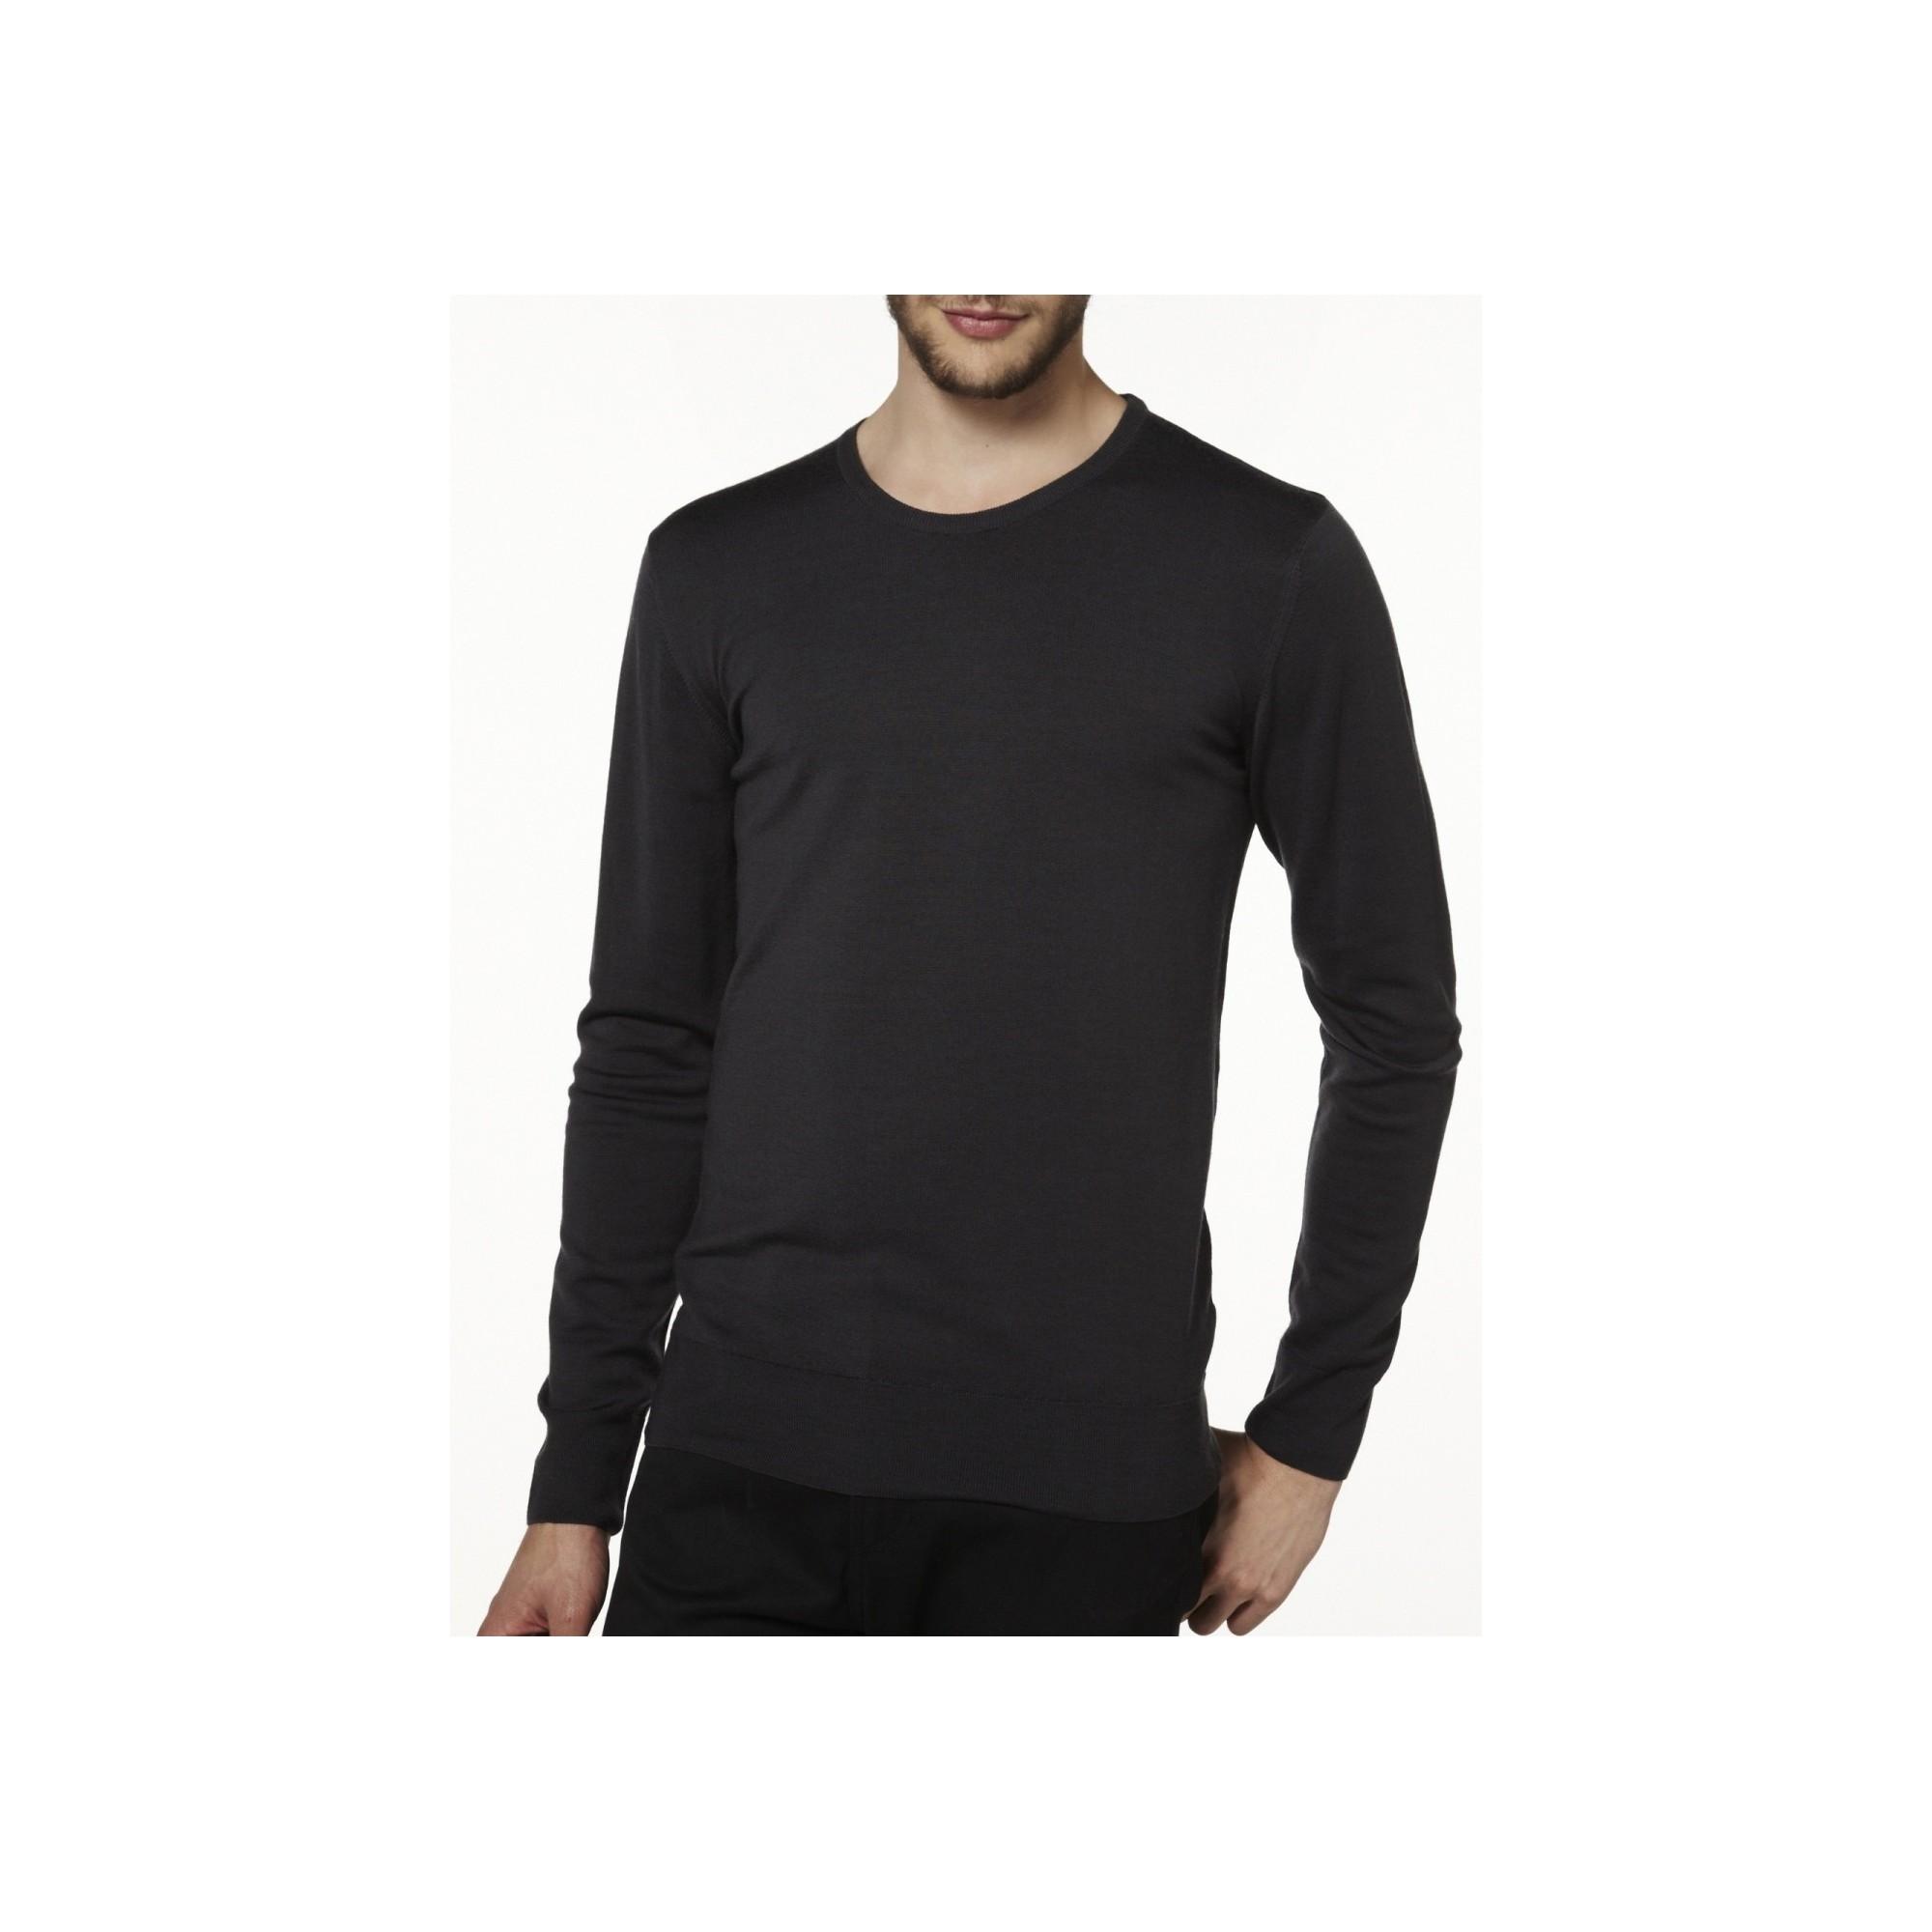 alain pullover homme en laine de qualit. Black Bedroom Furniture Sets. Home Design Ideas